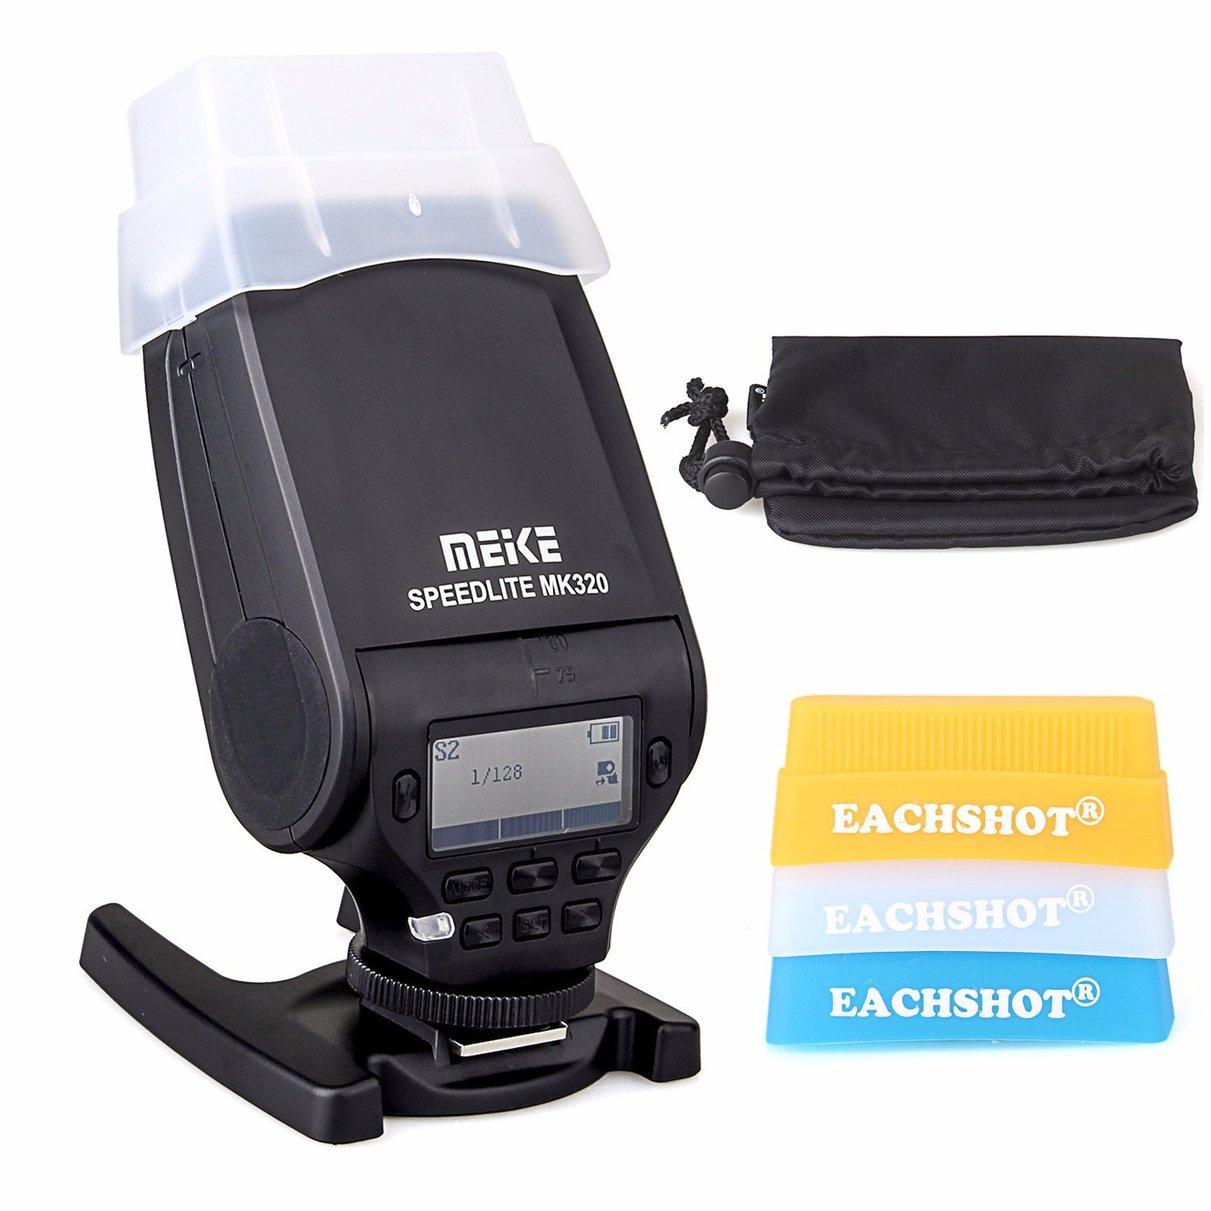 MEIKE MK-320 I-TTL HSS Master FLASH Speedlite til Nikon D3400 D5300 D7200 D750 D5600 D3200 D7100 D3300 D7200 D850